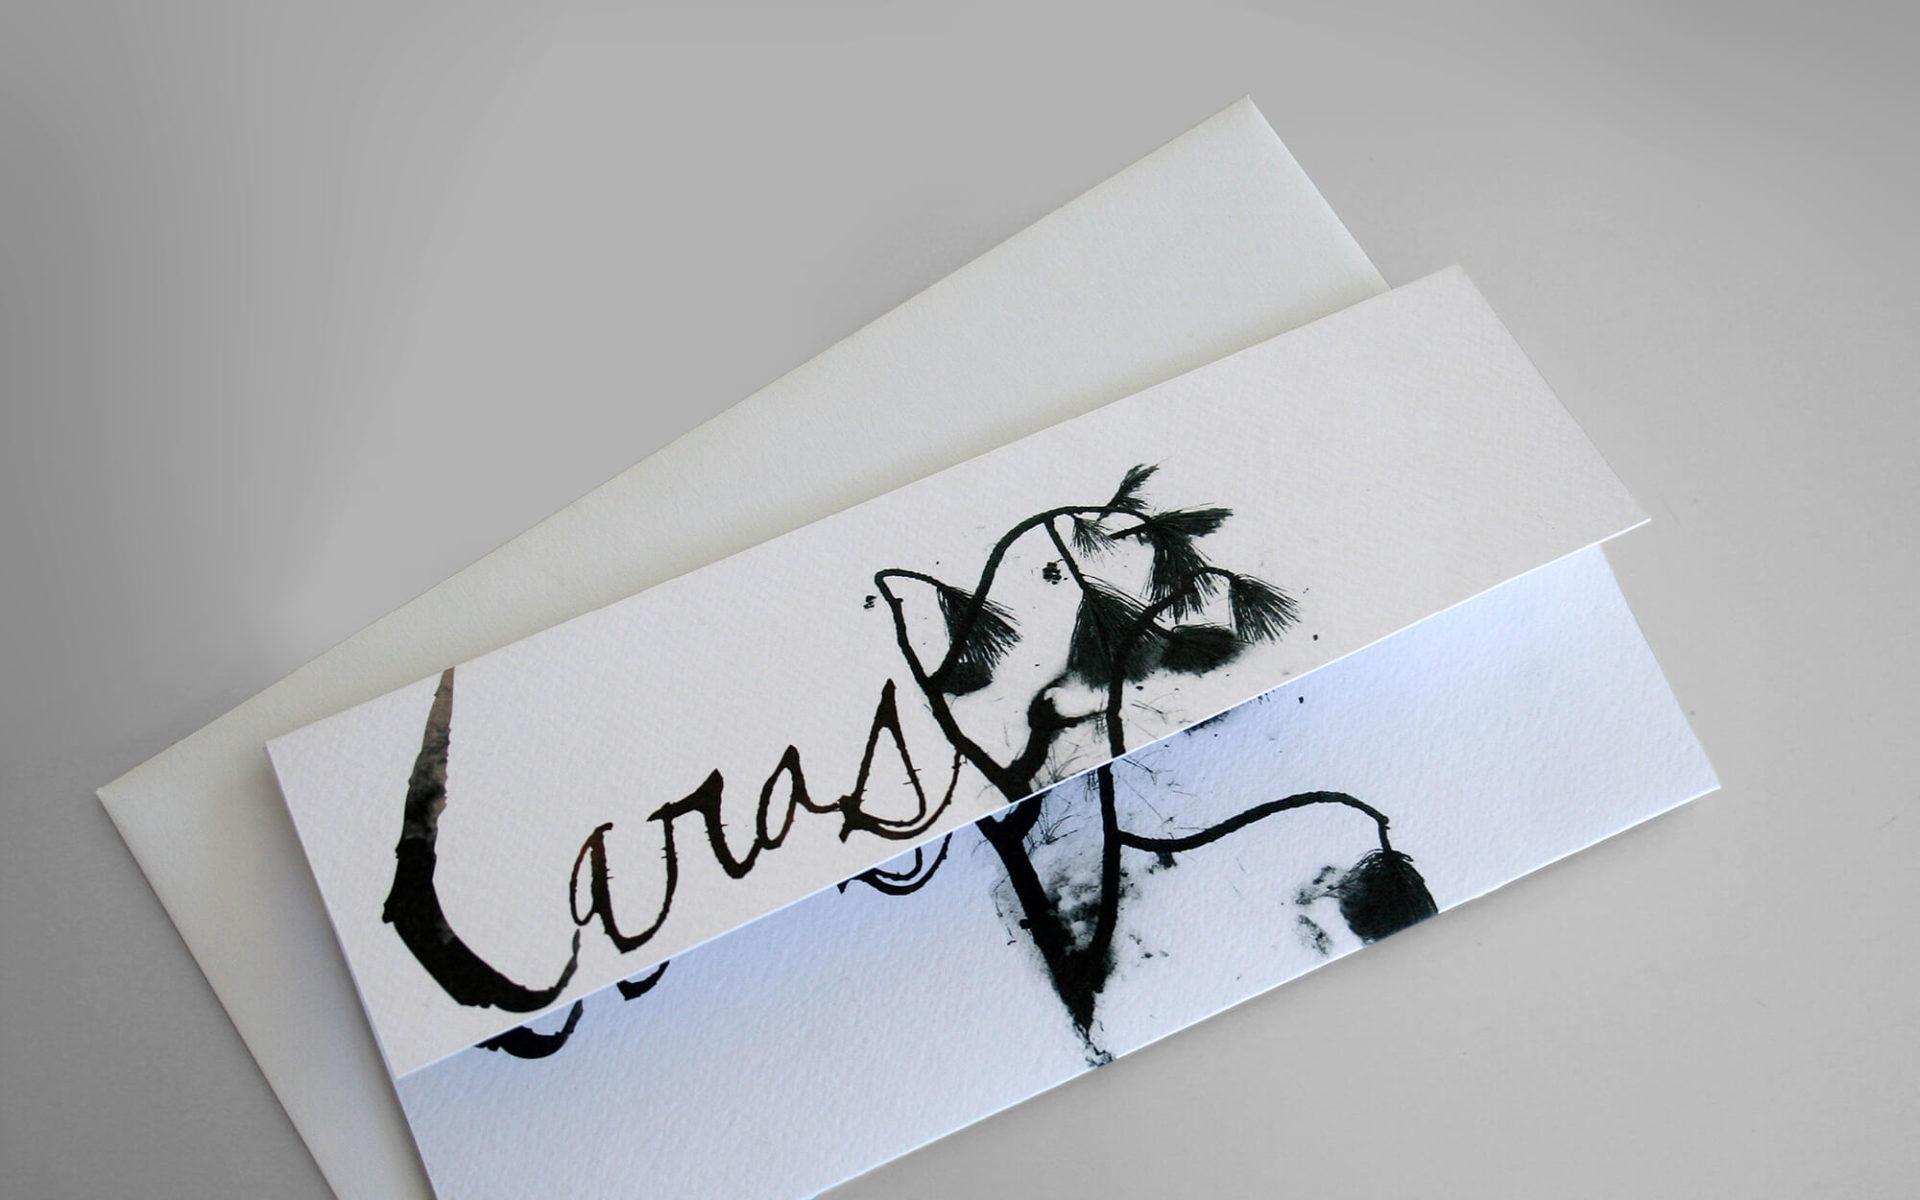 dettaglio invito evento di presentazione cd laras, di Rolando lucchi, progetto grafico diadestudio arco-trento